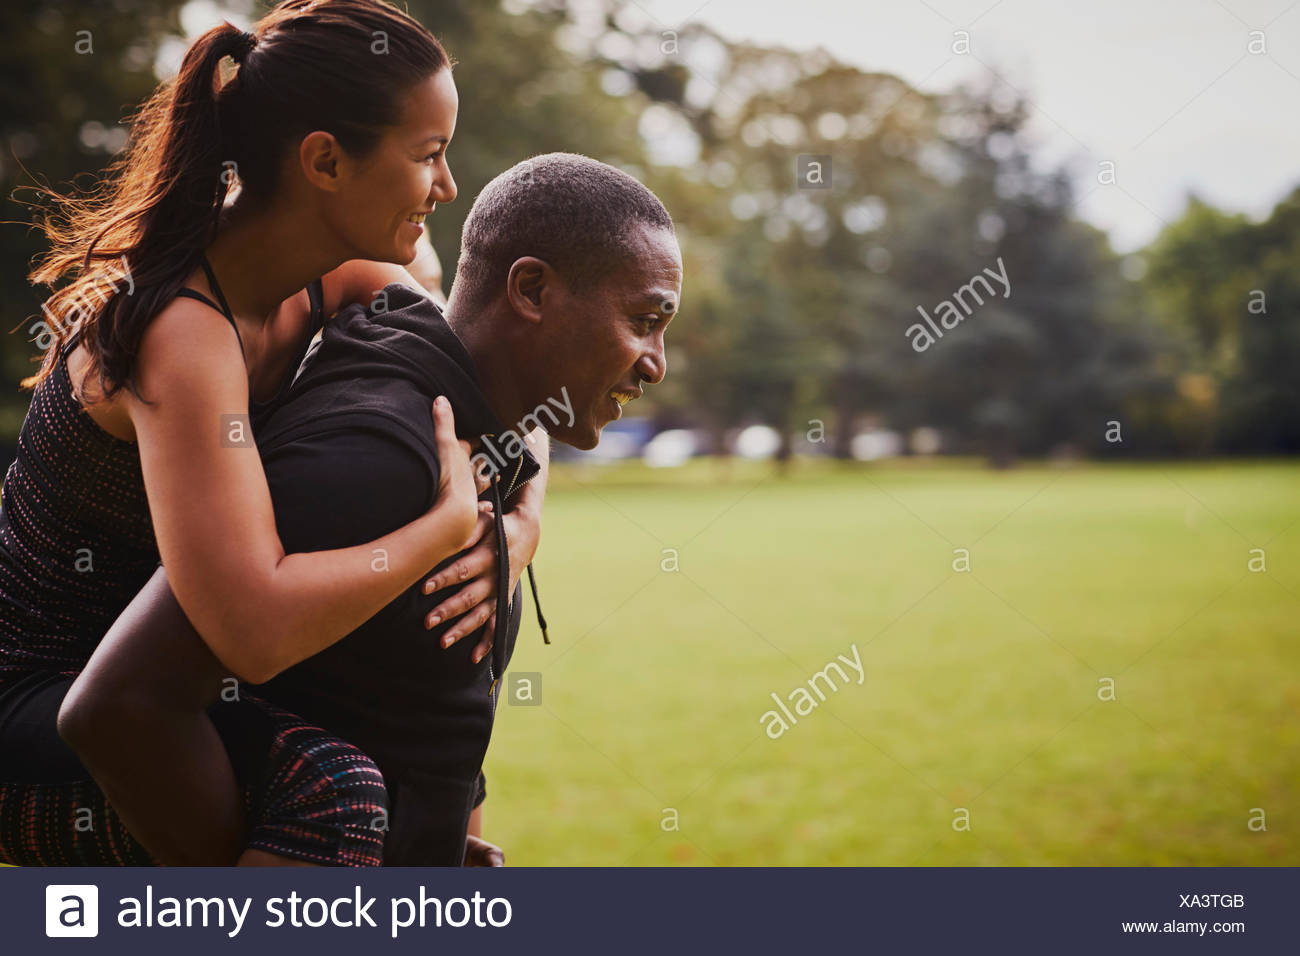 El hombre y la mujer a divertirse en el parque, dando capacitación piggy back Imagen De Stock